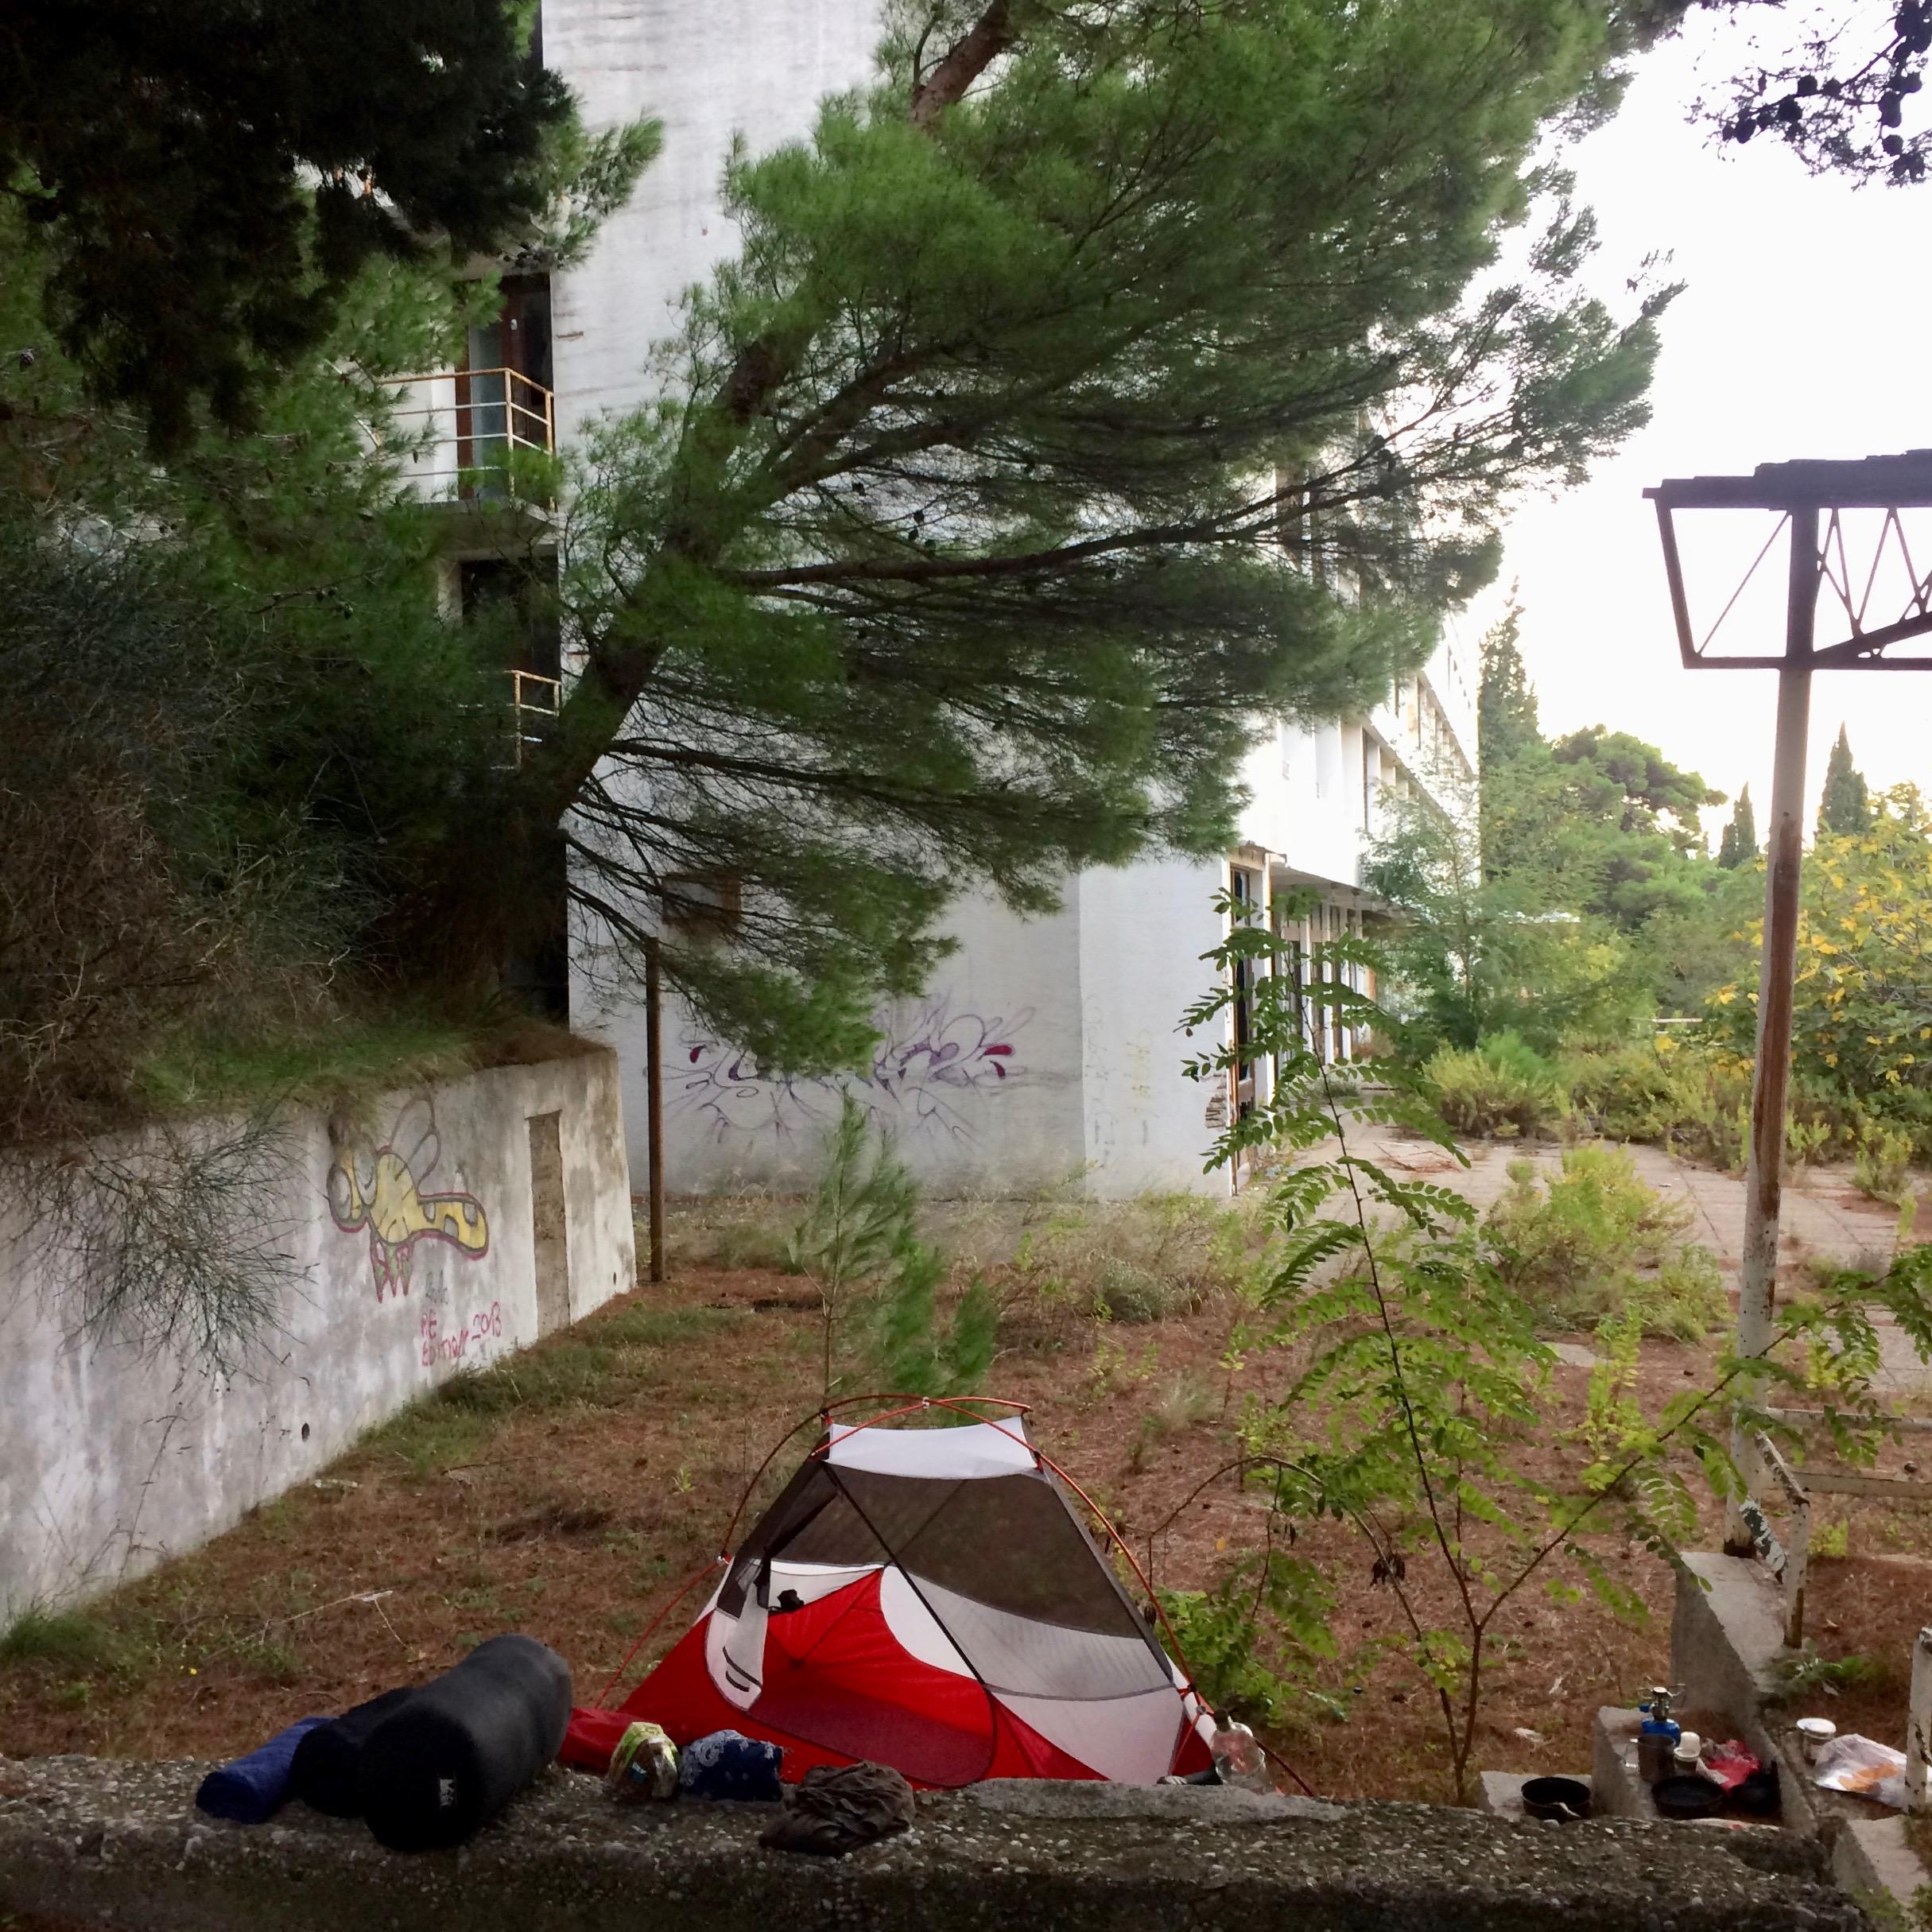 Campsite in Gradac, Croatia.